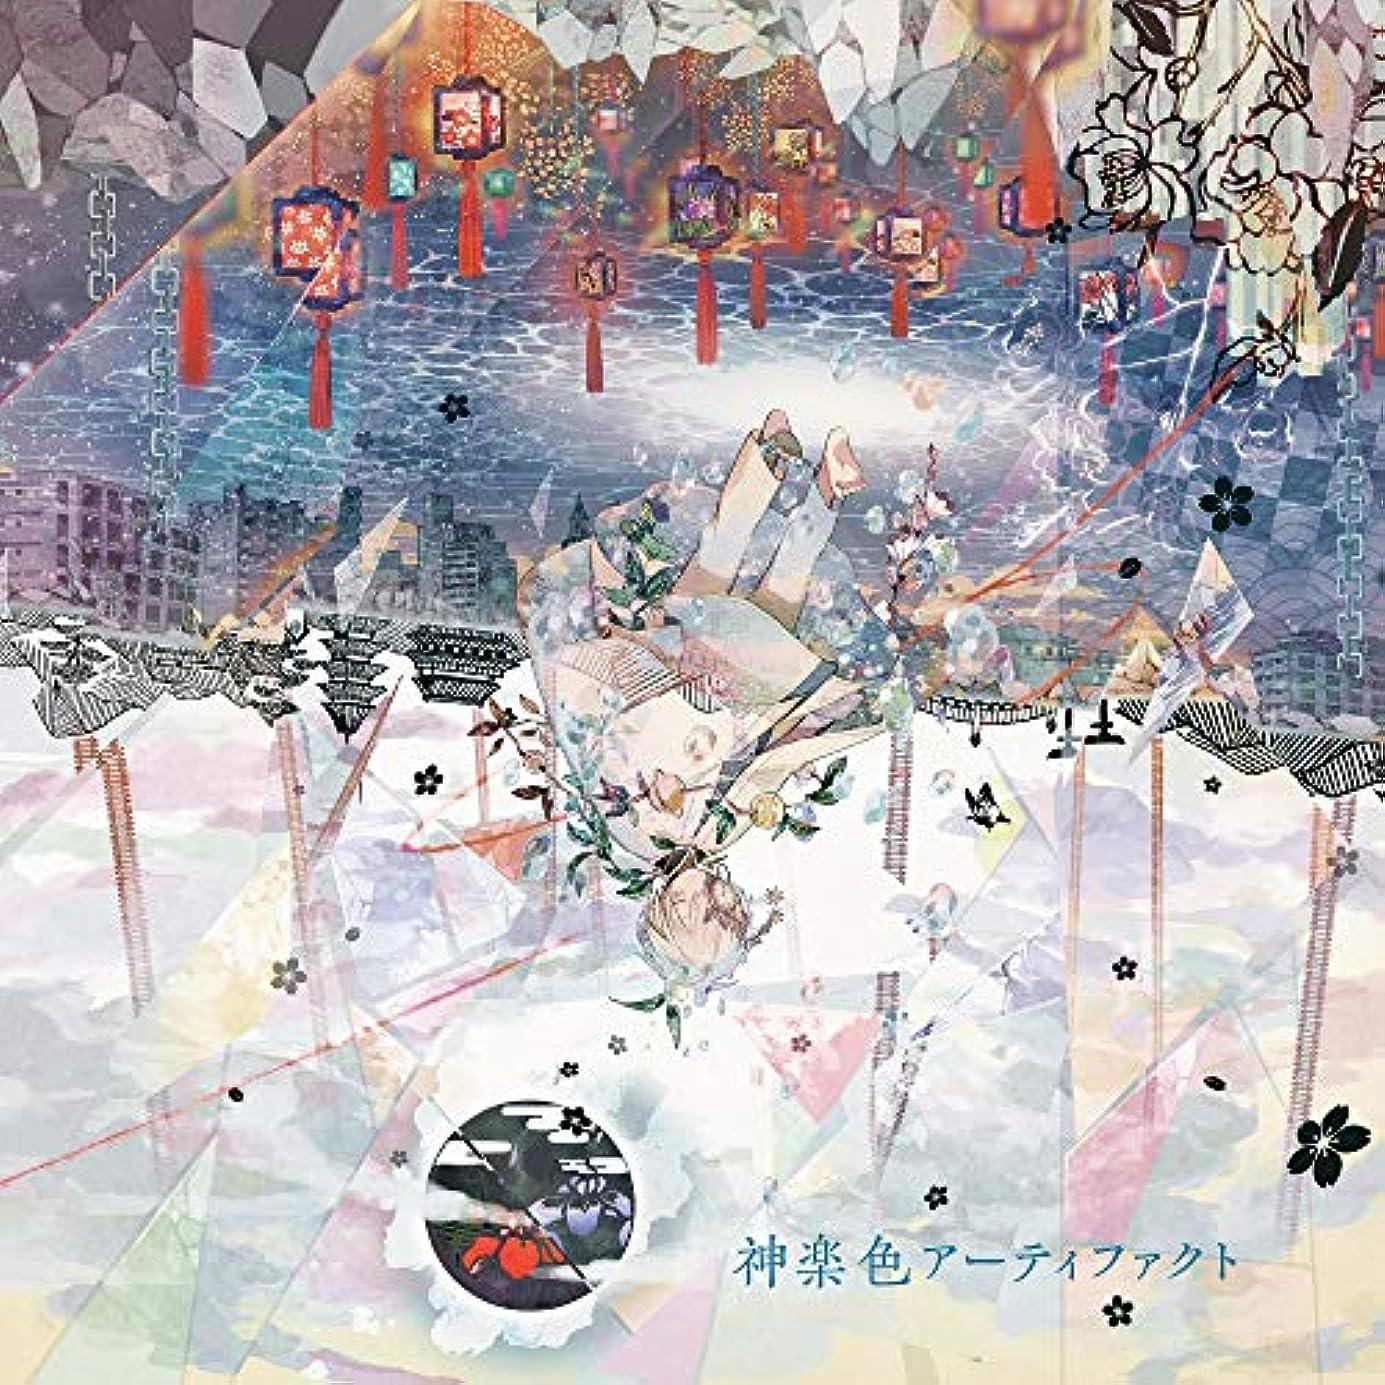 制裁嵐が丘スペクトラム神楽色アーティファクト 通常盤CD